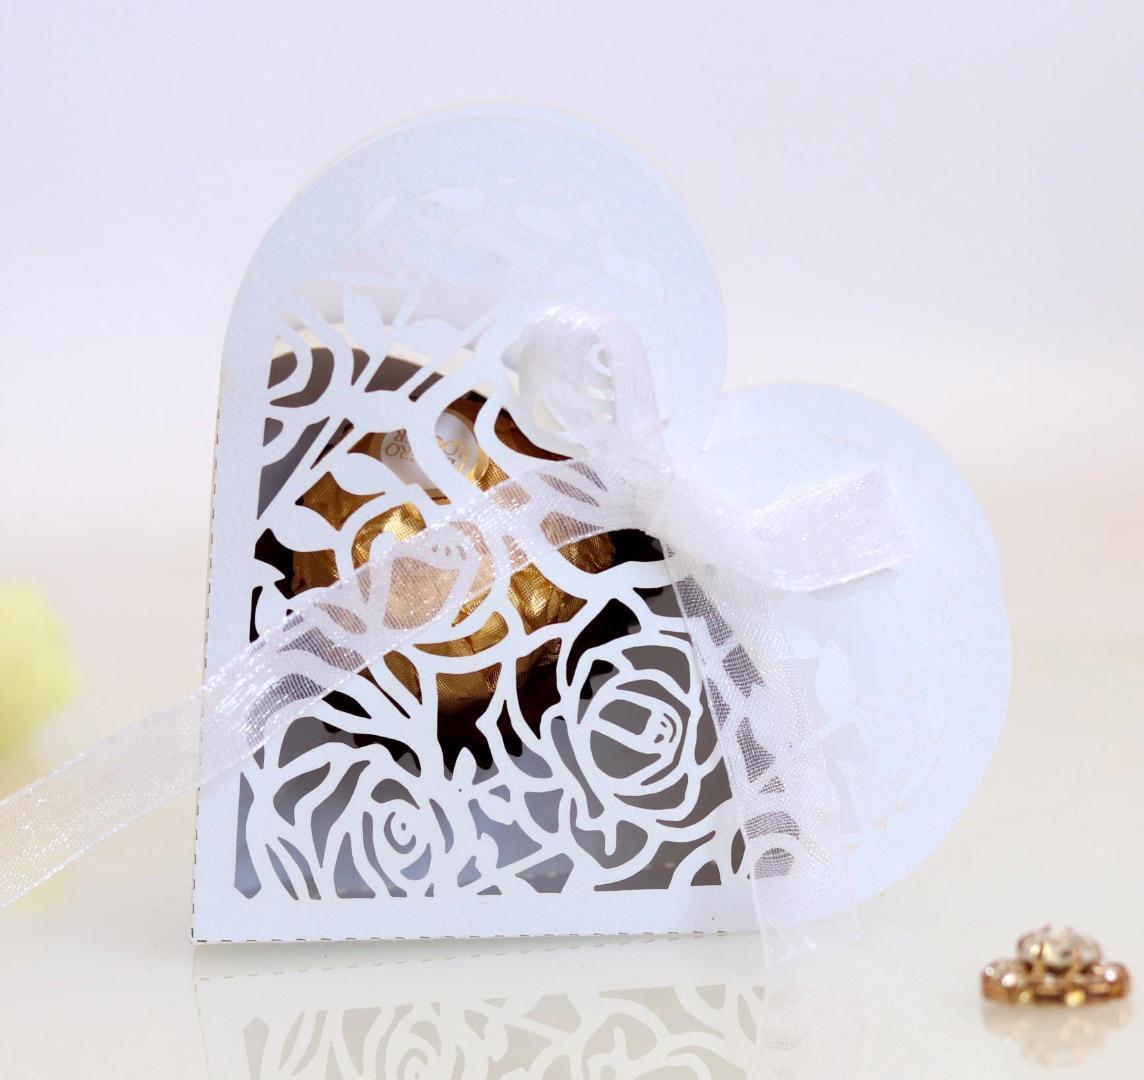 화이트 / 아이보리 하트 레이저 컷 중공 로즈 사탕 상자 결혼식 파티가 리본으로 선물 가방을 부탁 모양